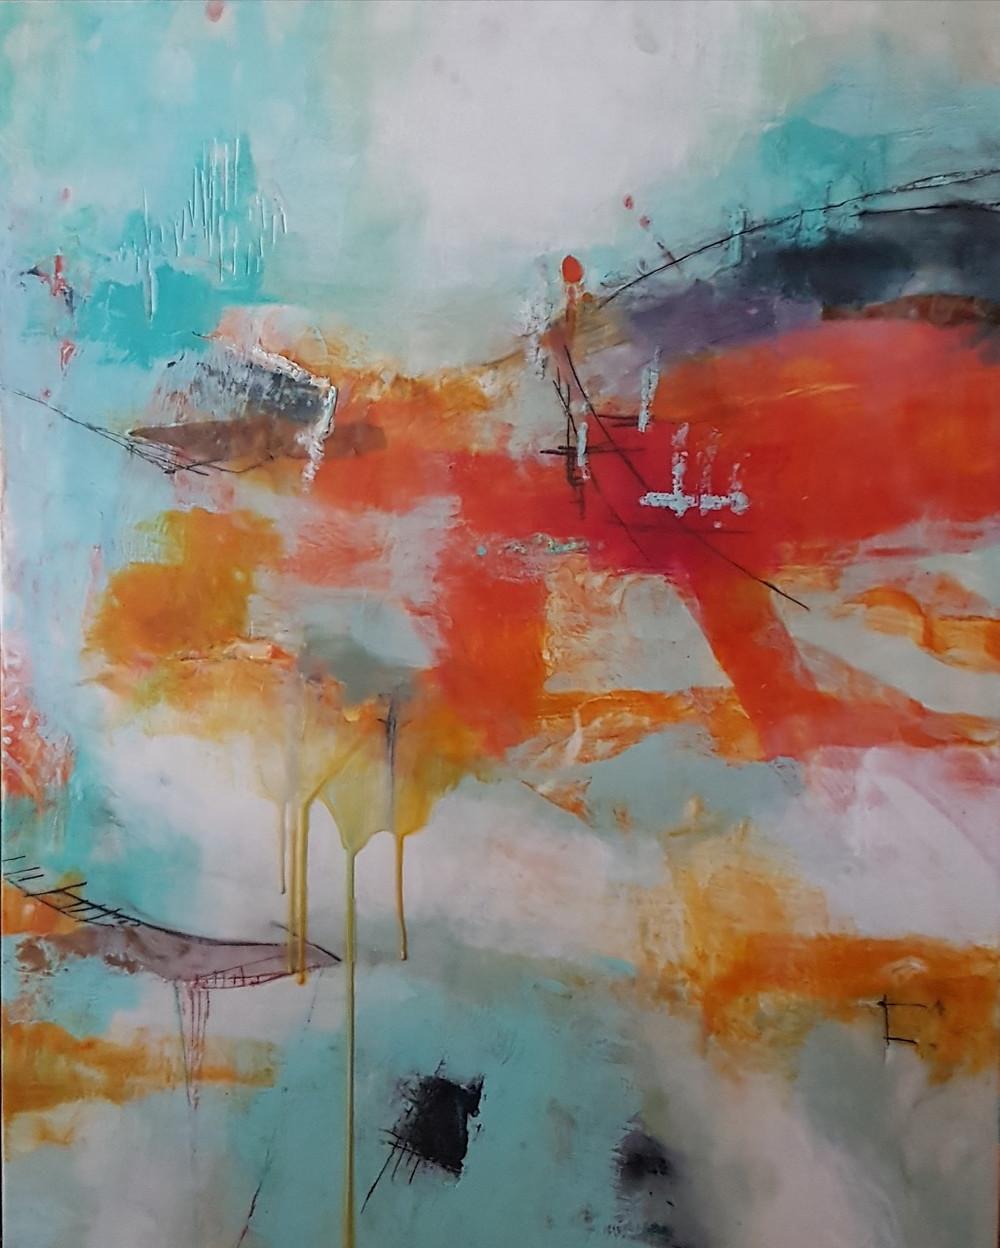 The Quieter you Become, 30h x 24w, Erica Konrad, encaustic